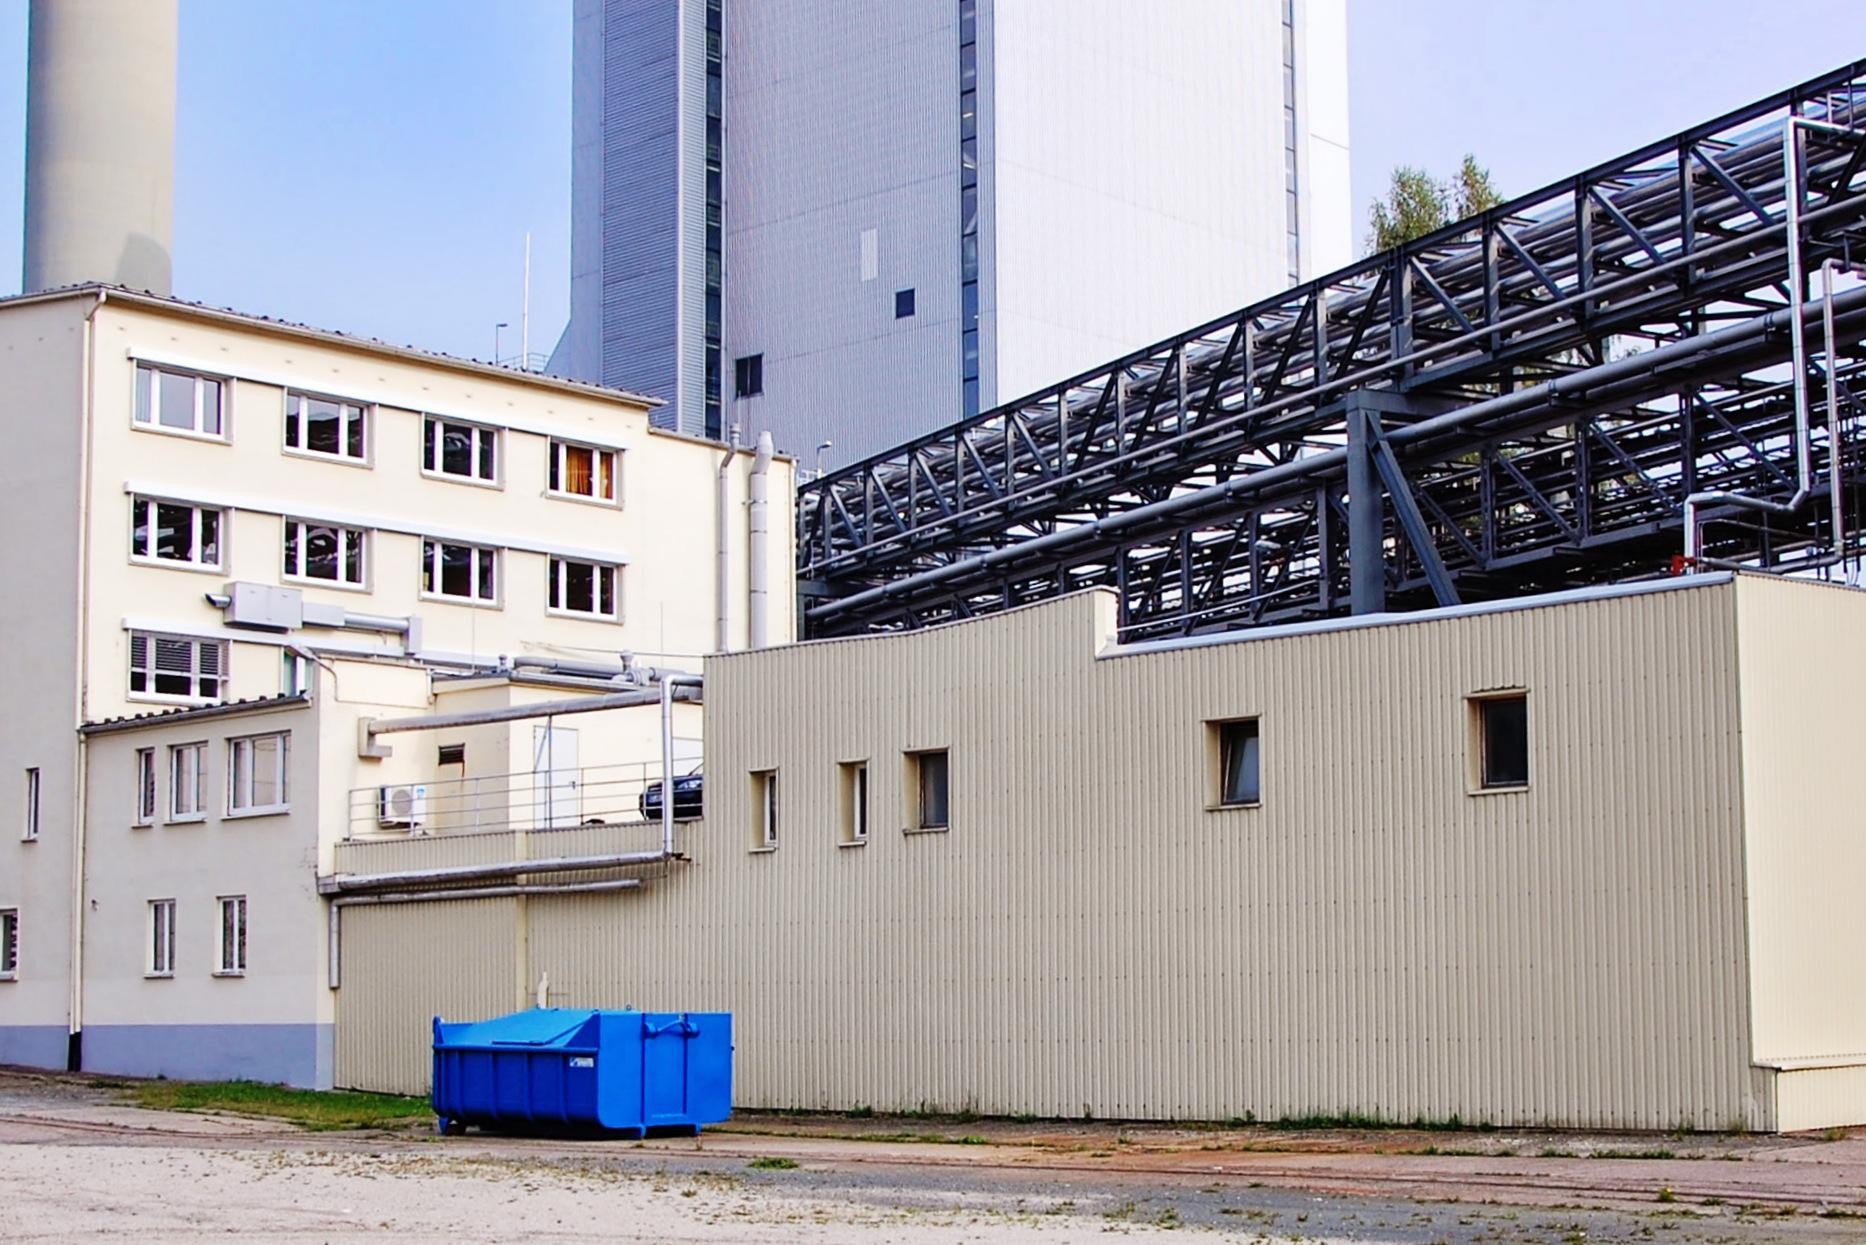 Blechfassade, Zellstoff- und Papierfabrik, Blankenstein, Saale-Orla-Kreis